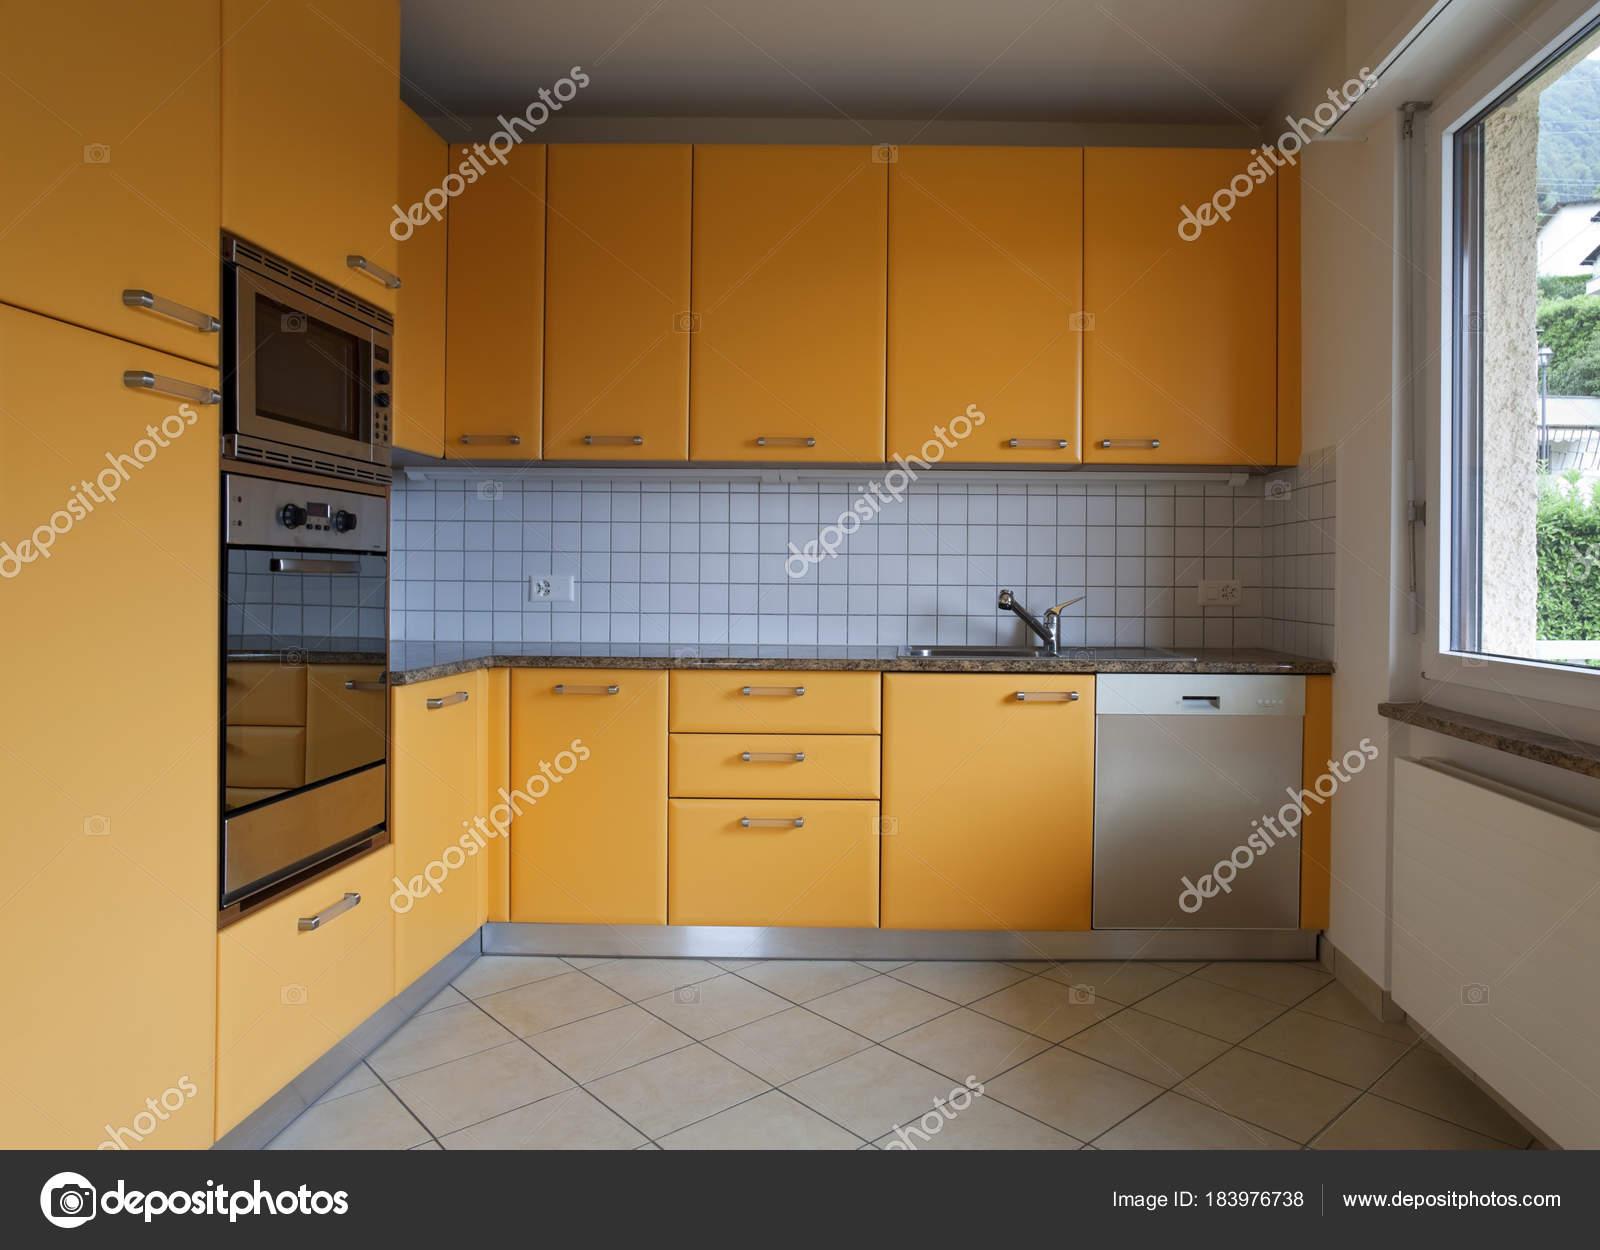 Cozinha Em Azulejo E Decora O Laranja Fotografias De Stock